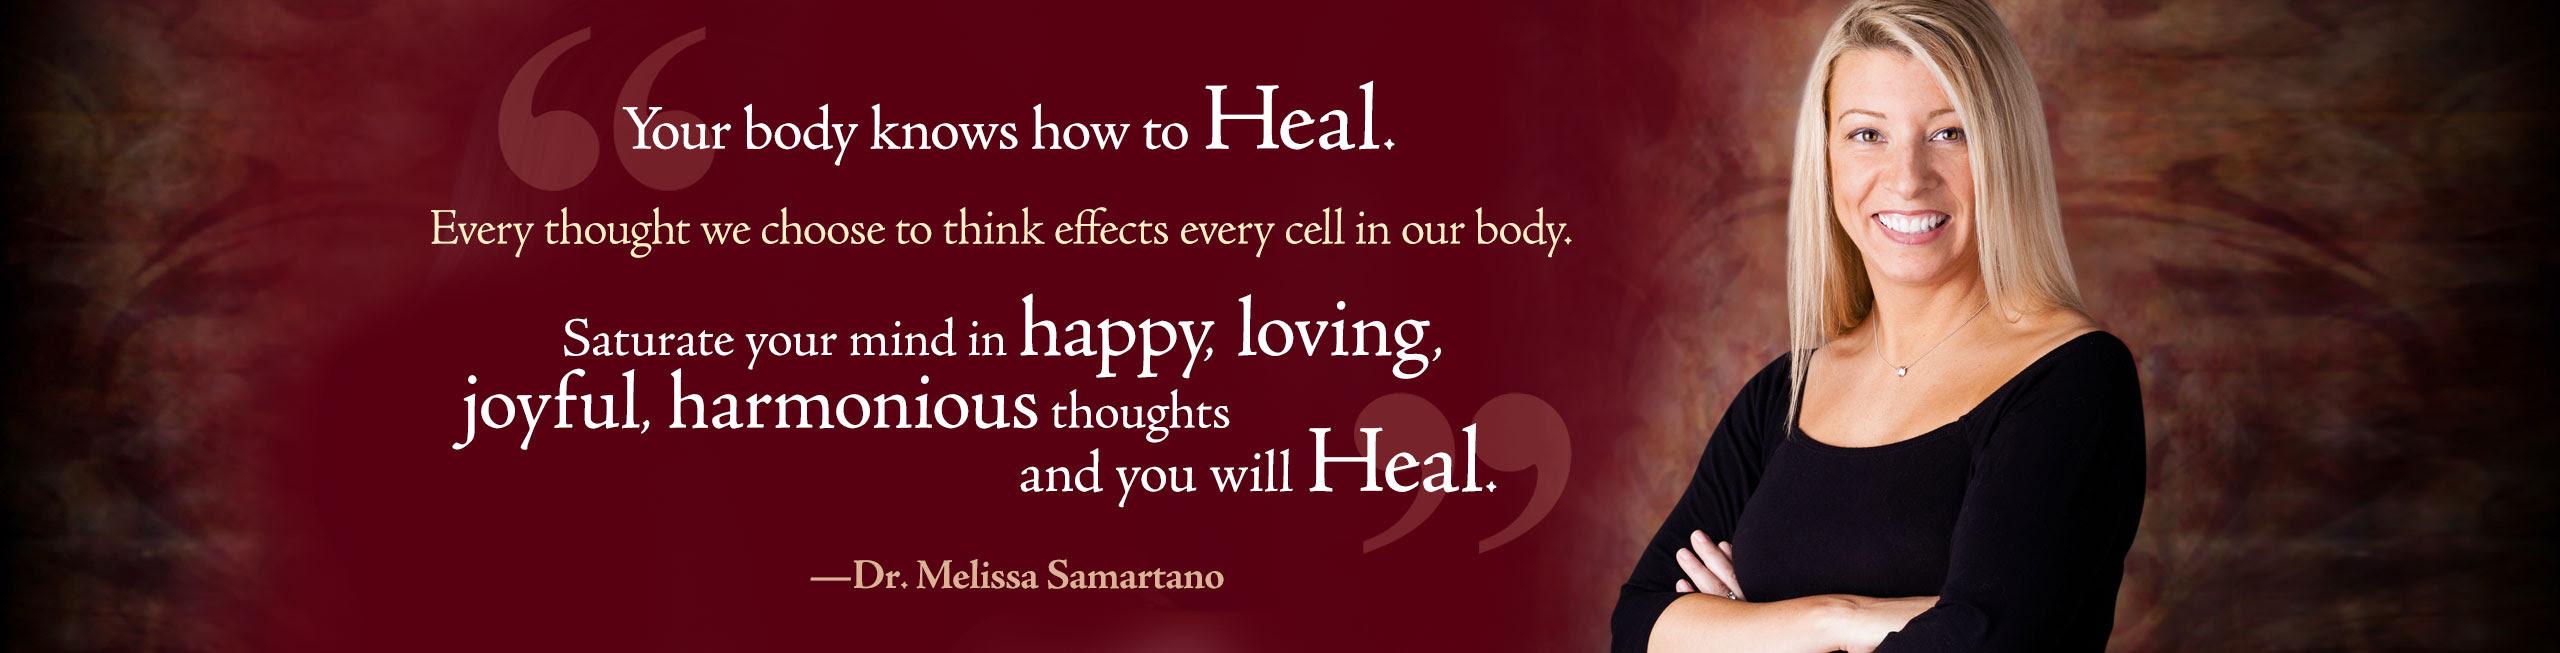 Home | Dr. Melissa Samartano